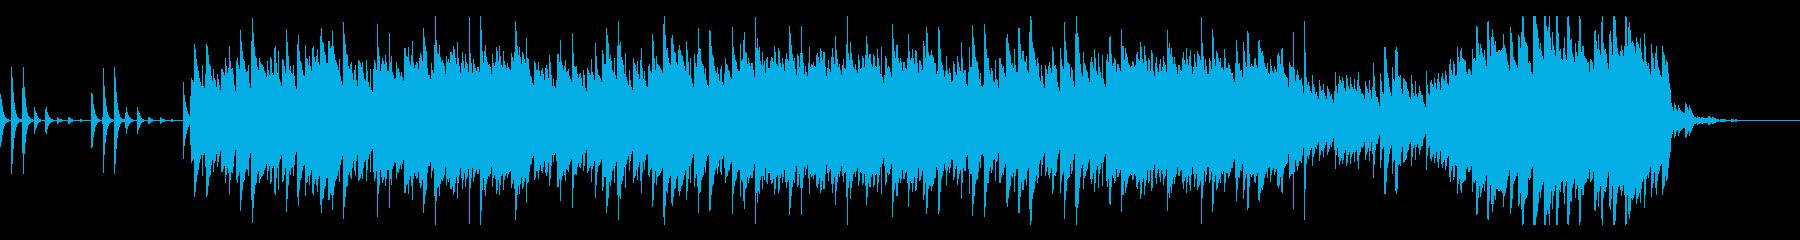 企業PV、CM向け軽快な鉄琴のポリリズムの再生済みの波形